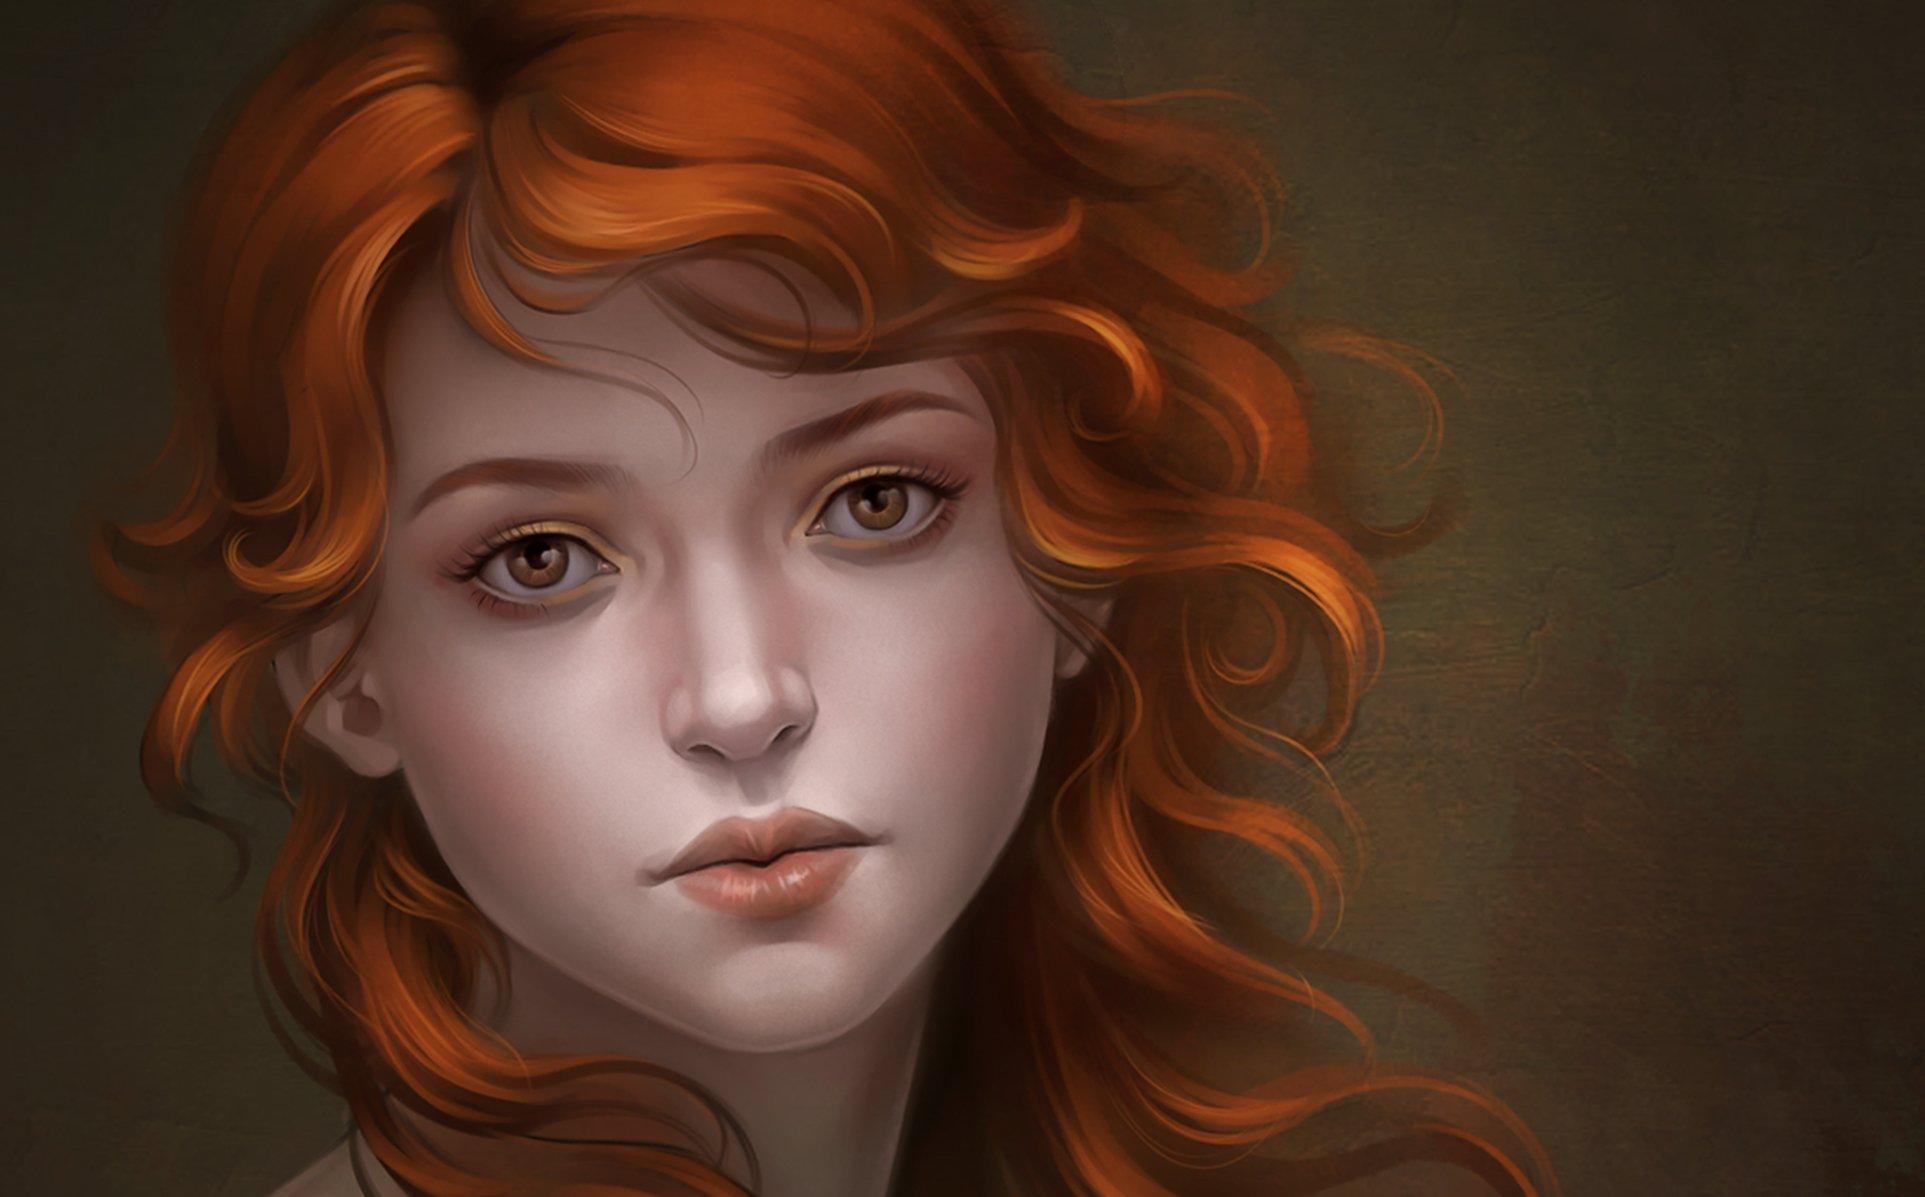 рыжие девушки картинки нарисованные